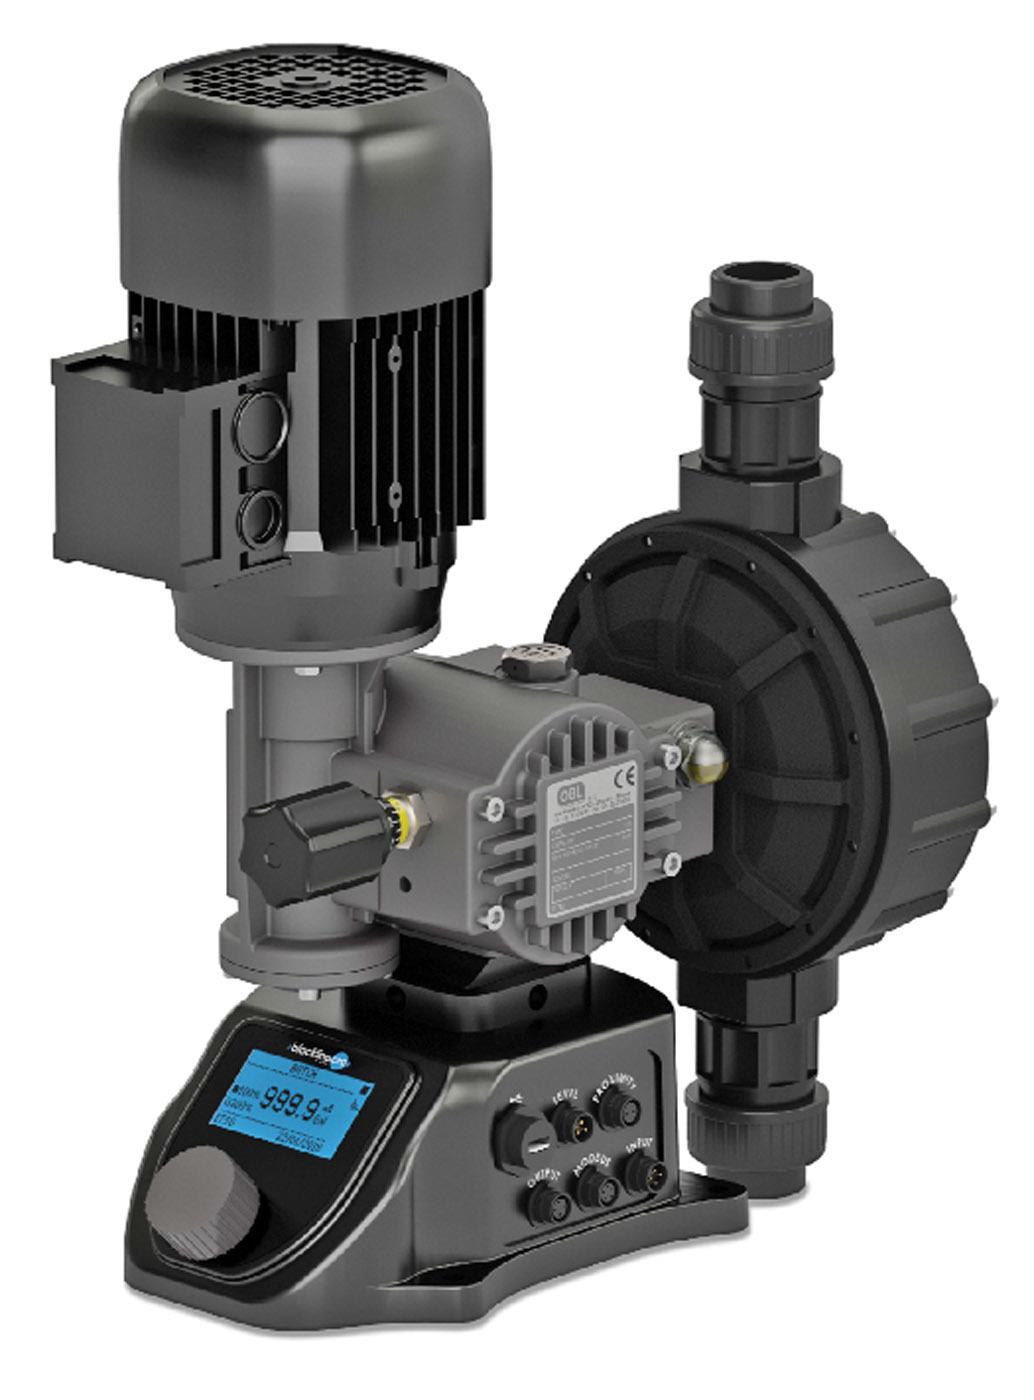 Blackline Pro pump from Pulsafeeder